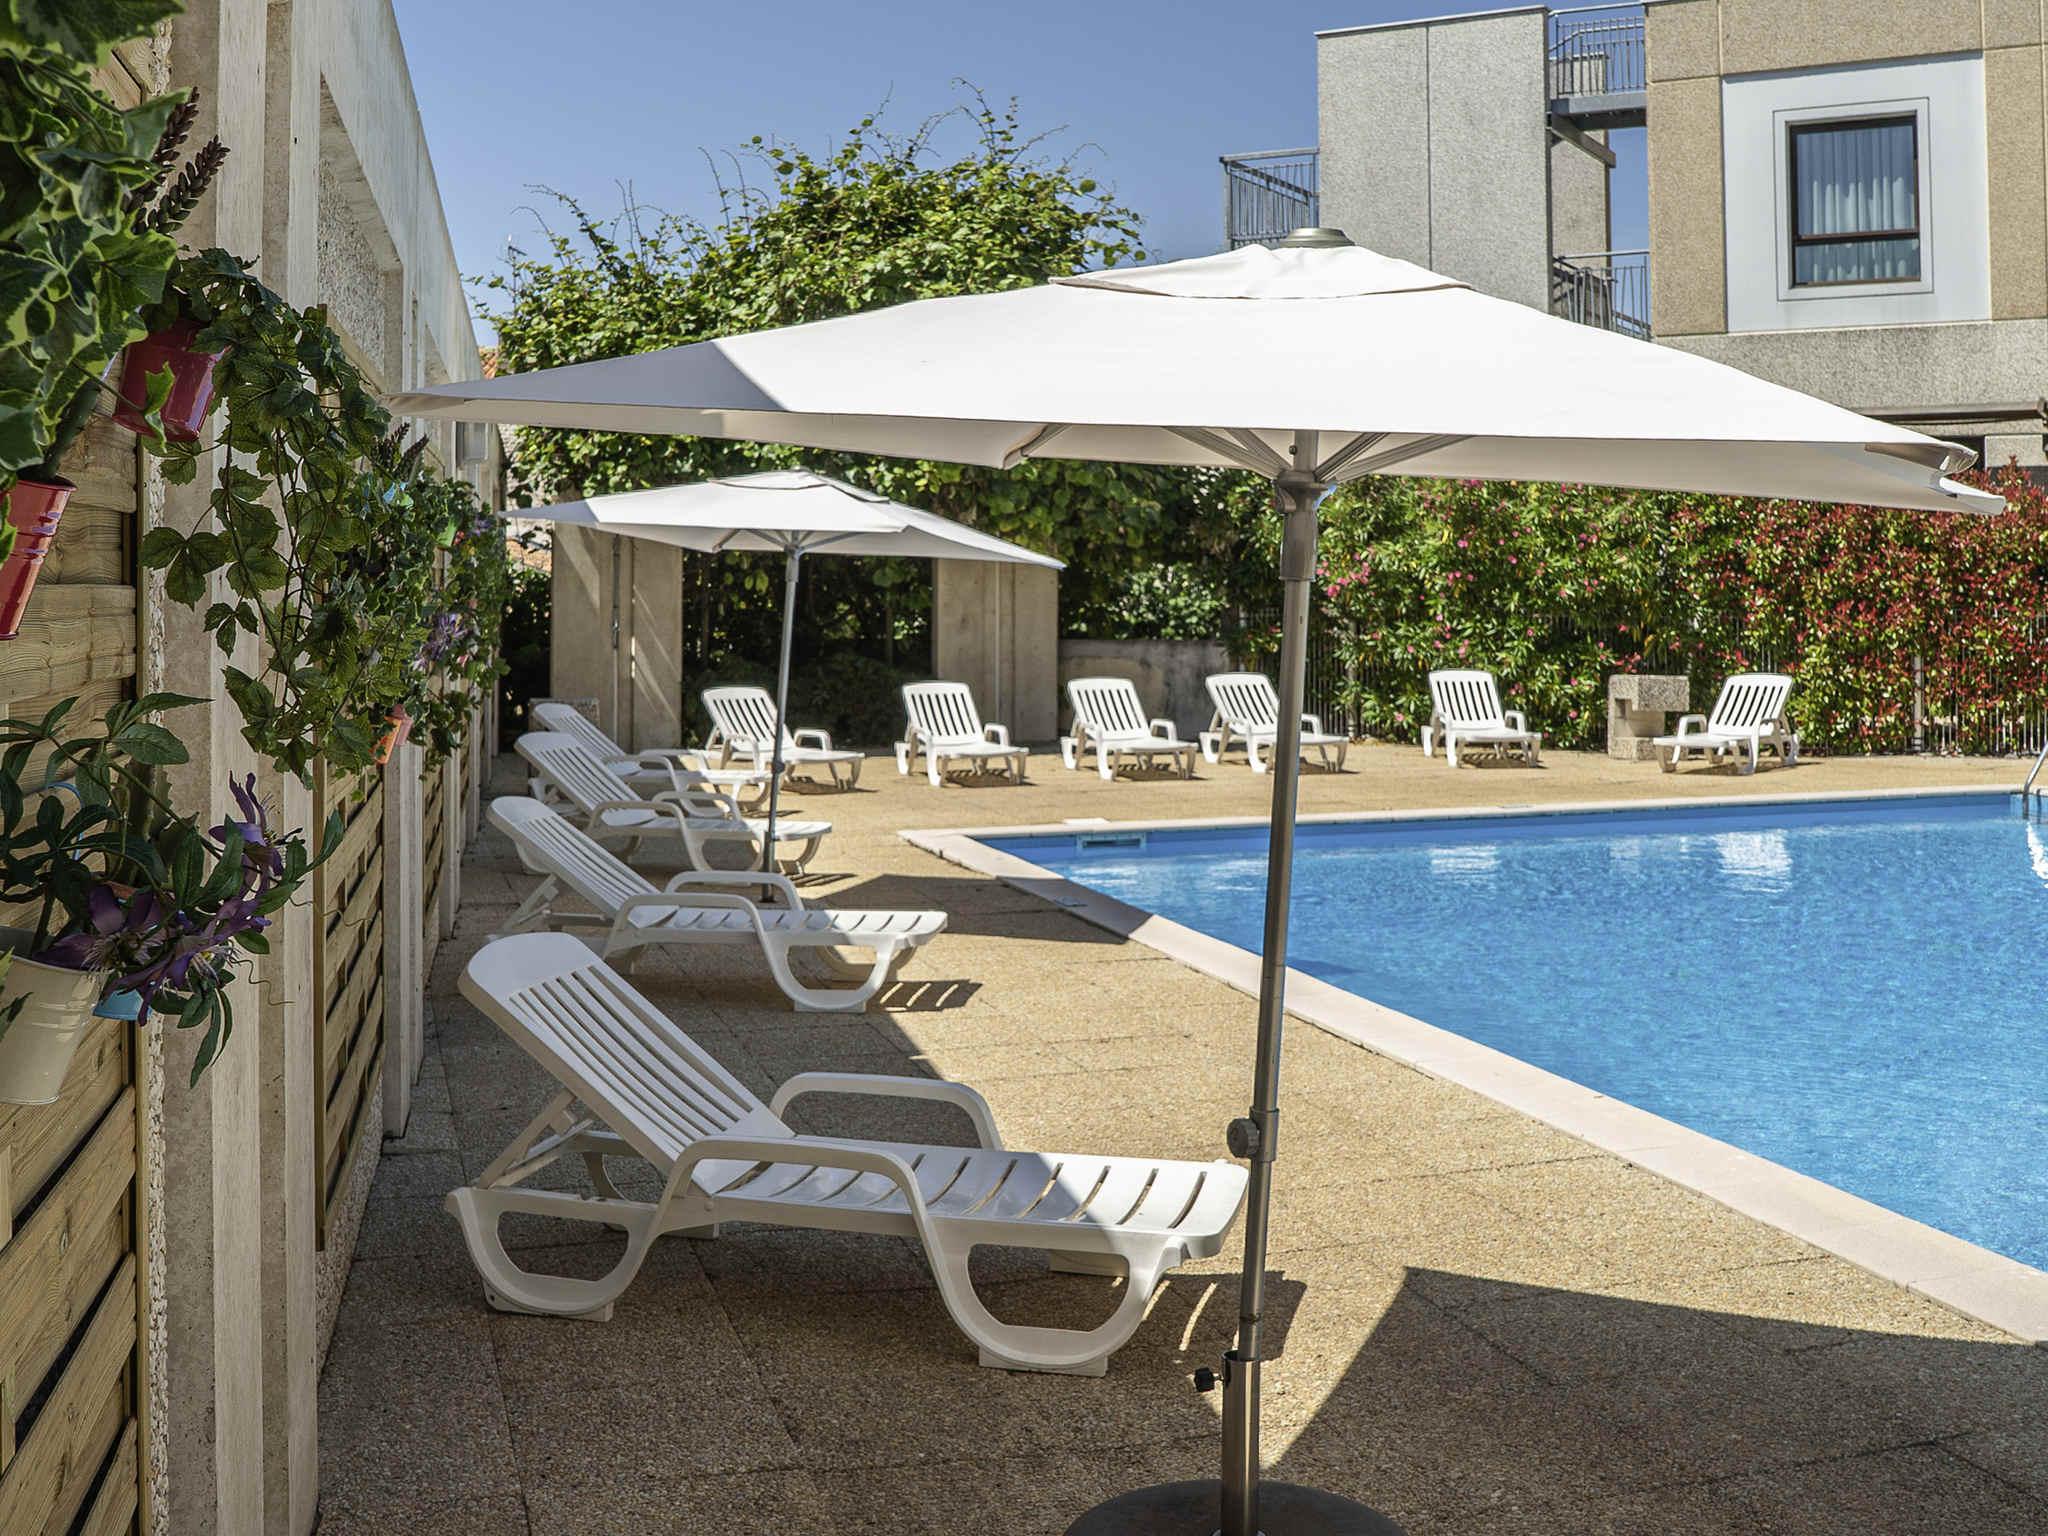 Hotel – Hotel Mercure Niort Marais Poitevin